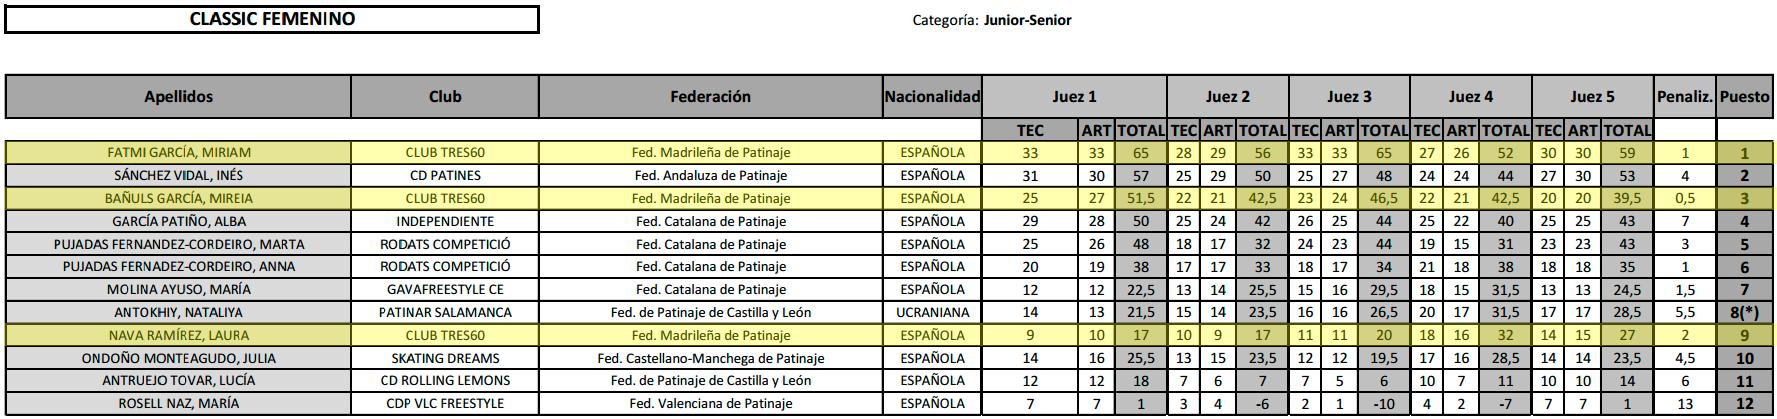 cto.españa_freestyle_classic_fem_junior-senior